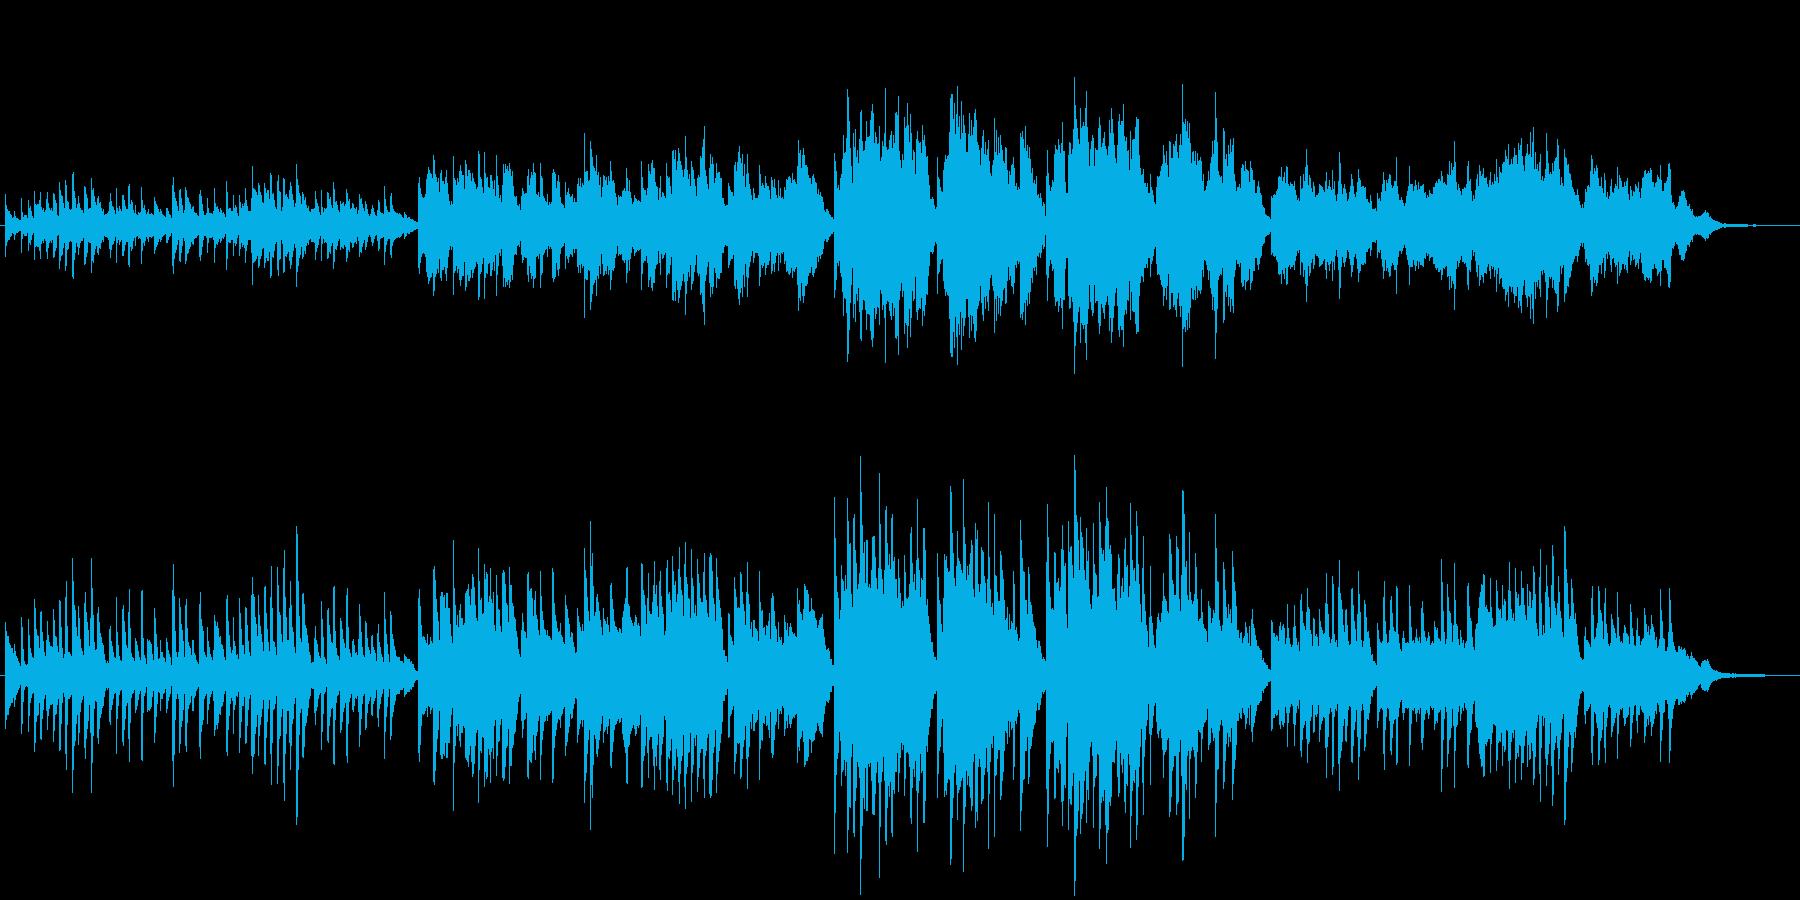 懐かしく切ない雰囲気のピアノカルテットの再生済みの波形